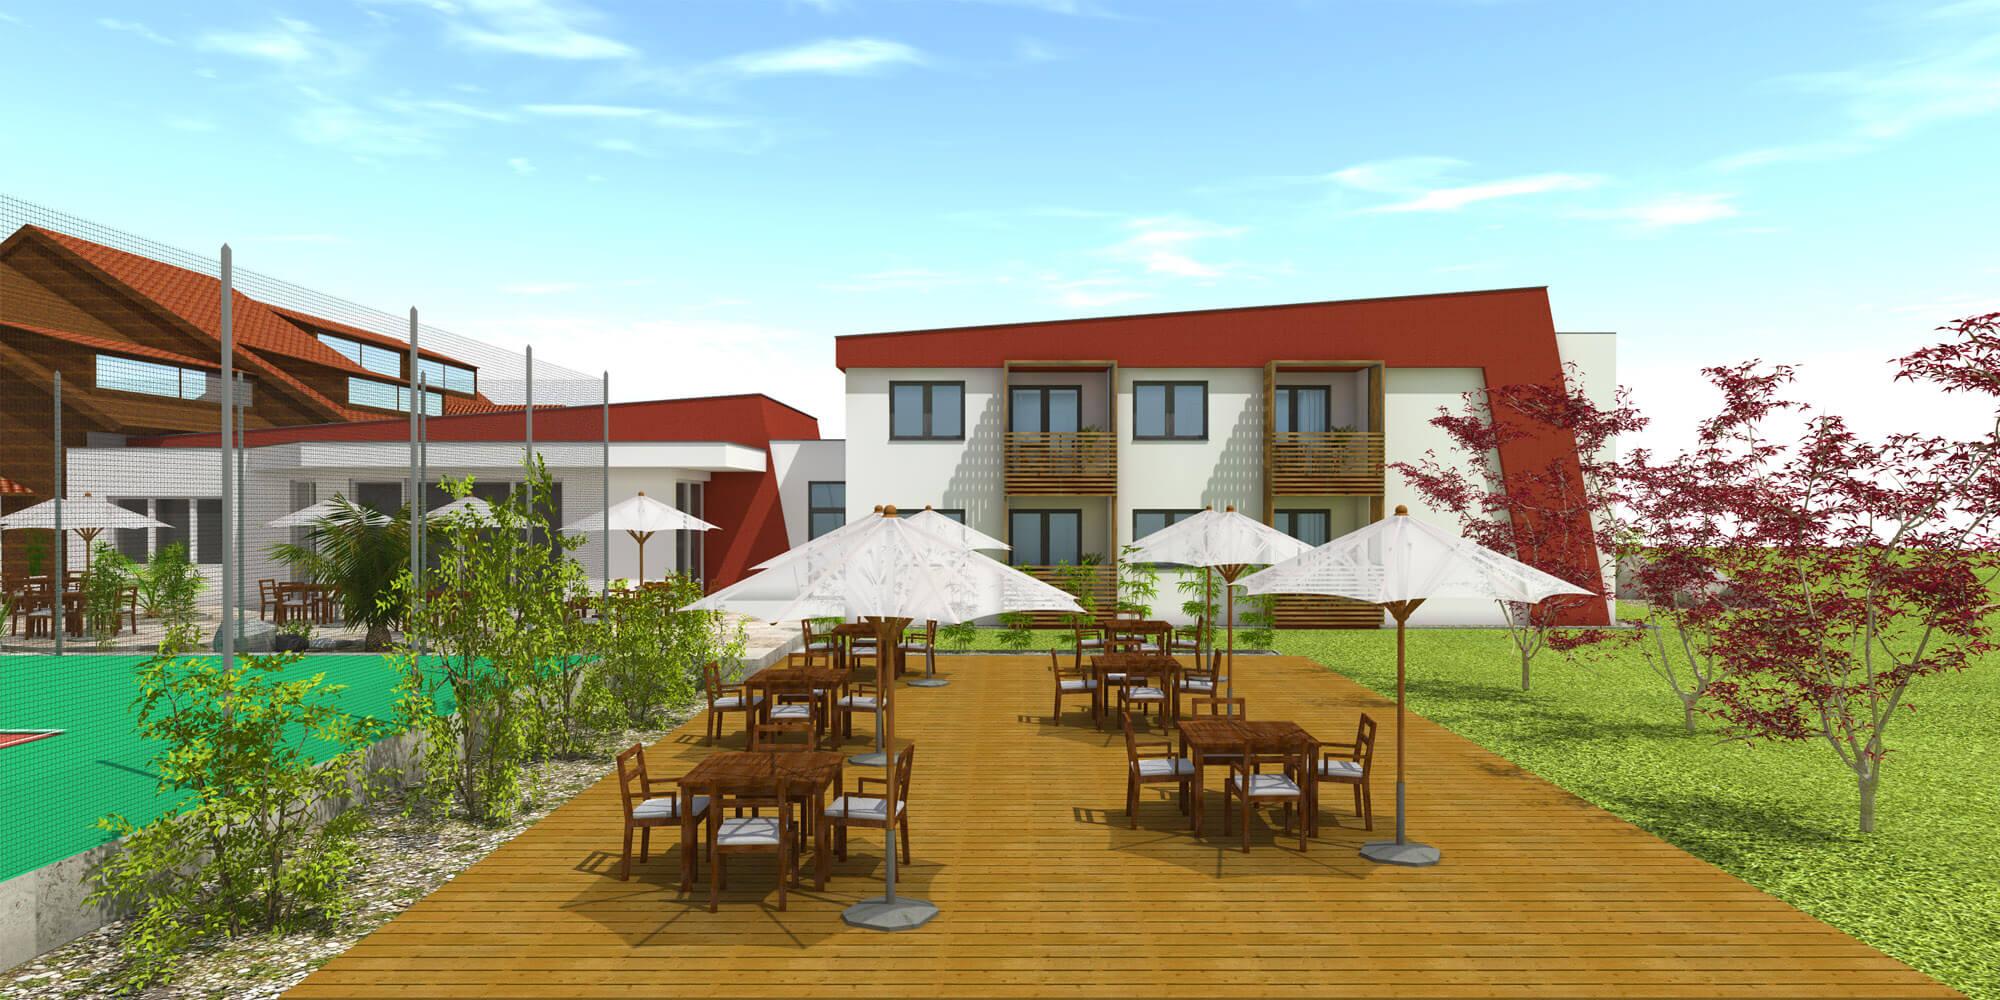 Crea-Plan-Design-Rauch-Frühmann-Architektur-Innenarchitektur-Design-Projekt-Referenz-Hotelerie-Gastronomie-Hotel-Sporthotel-Zaton-Zubau-Zimmer-2